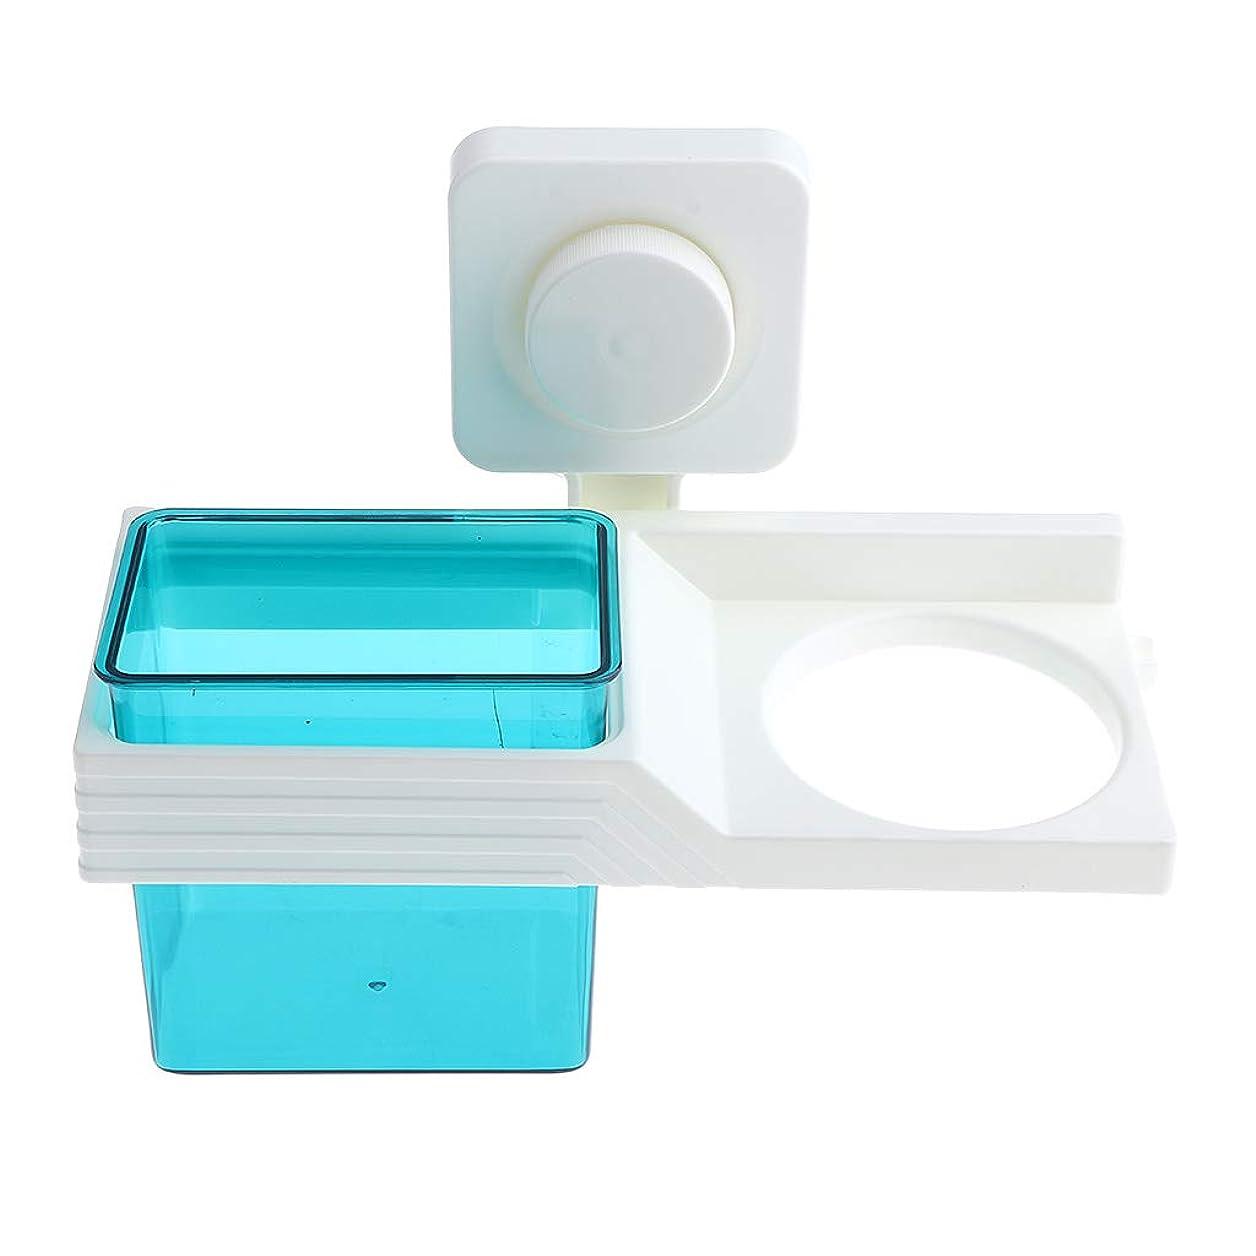 振る舞うシネマ約束する壁掛けヘアドライヤーホルダーくしブラシツールラック浴室収納棚 - 青